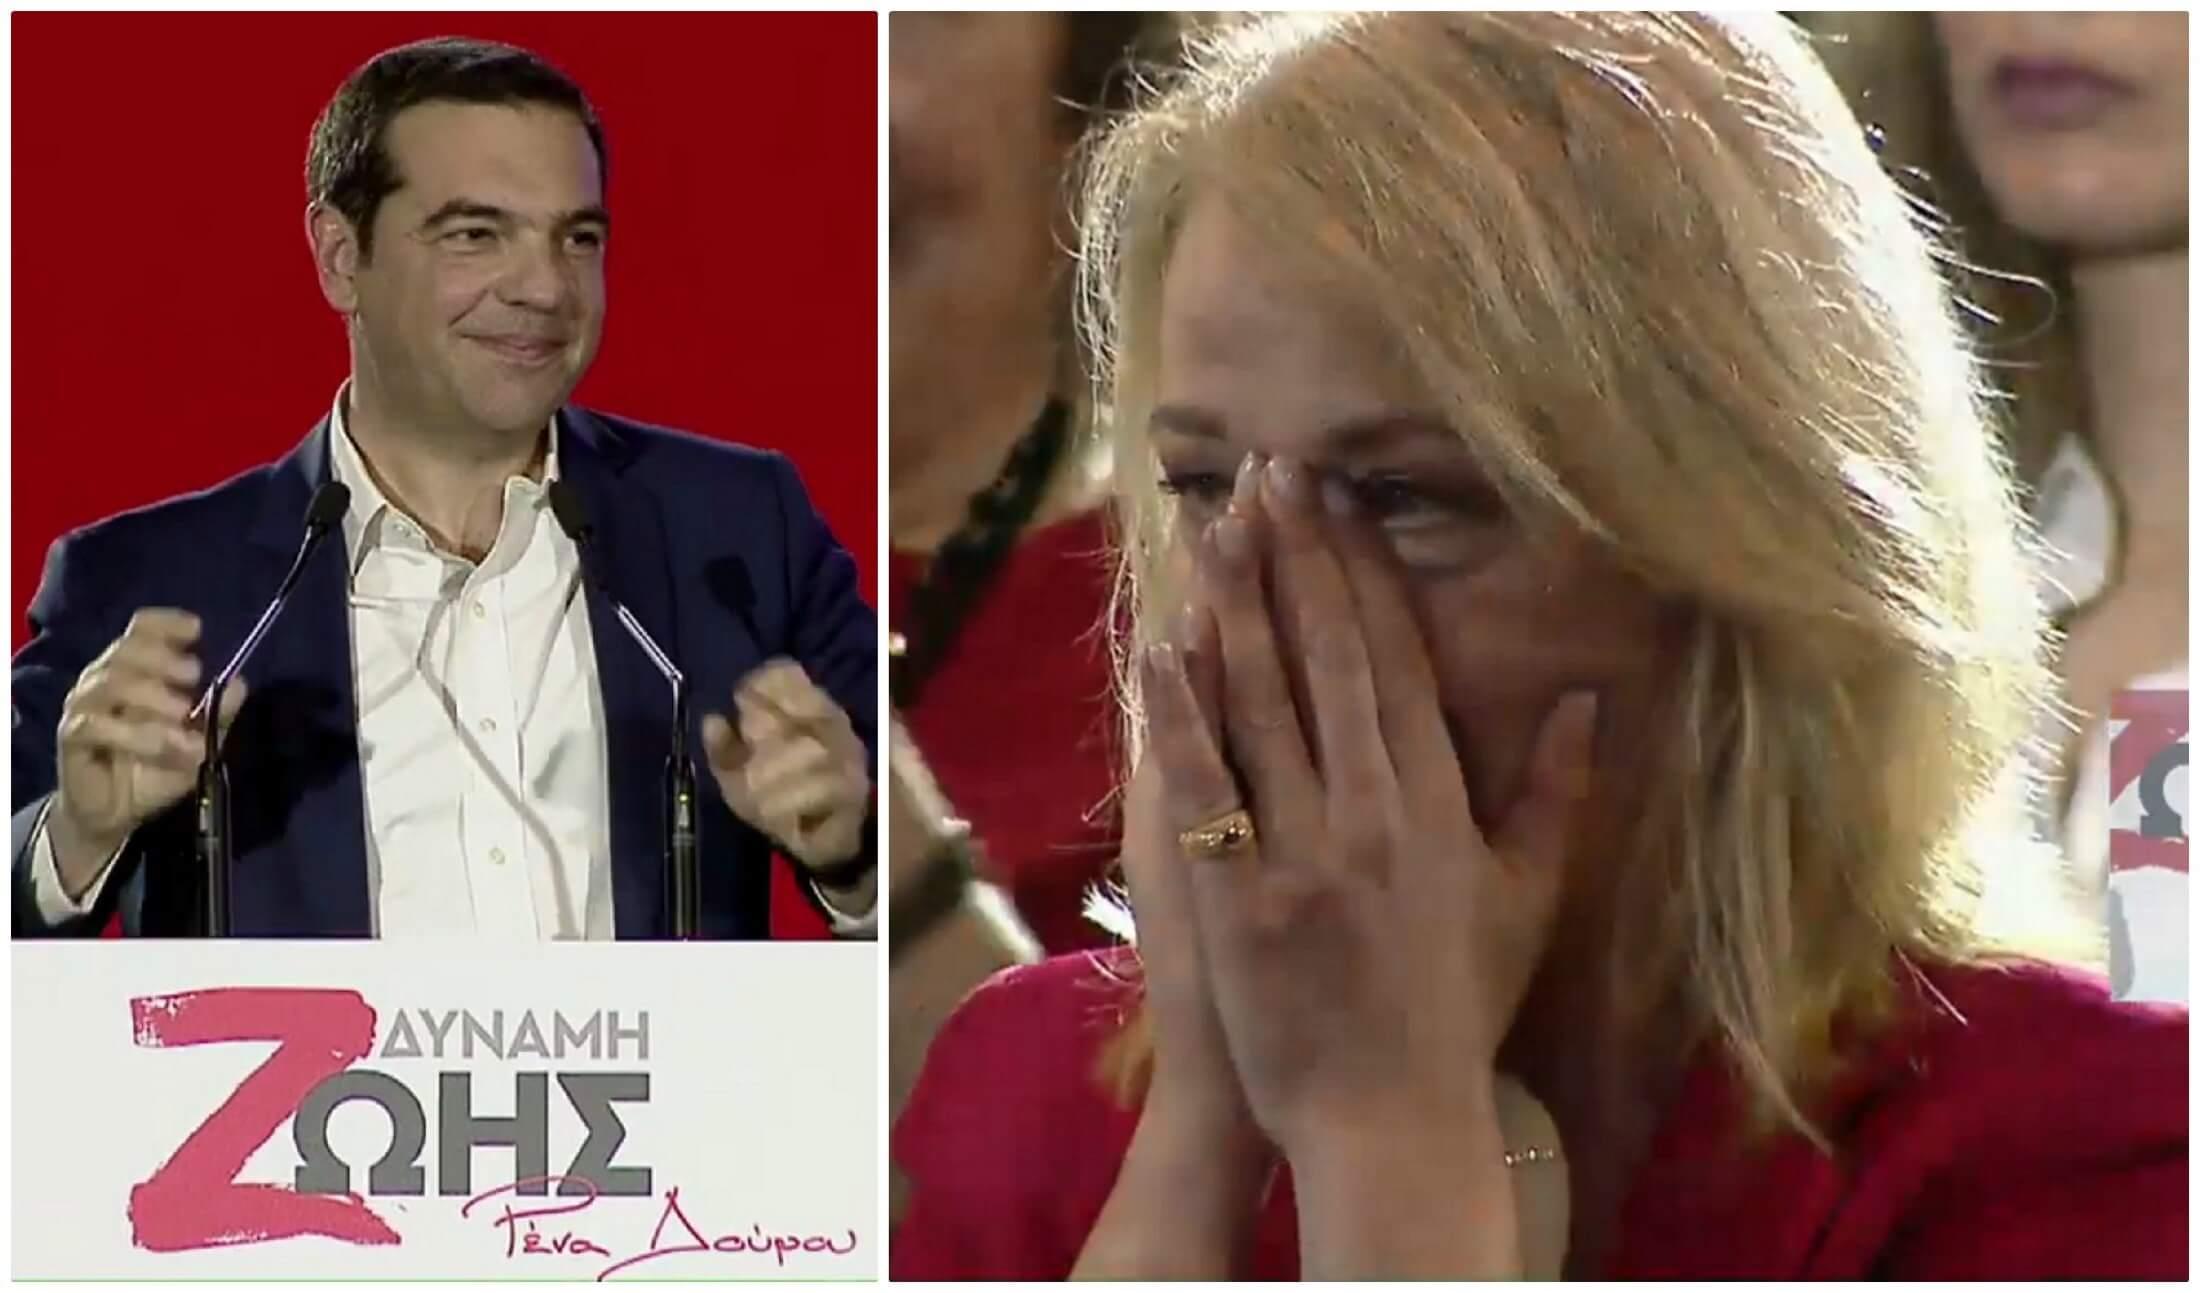 Παρουσία Τσίπρα η ανακοίνωση των υποψηφίων από τη Ρένα Δούρου